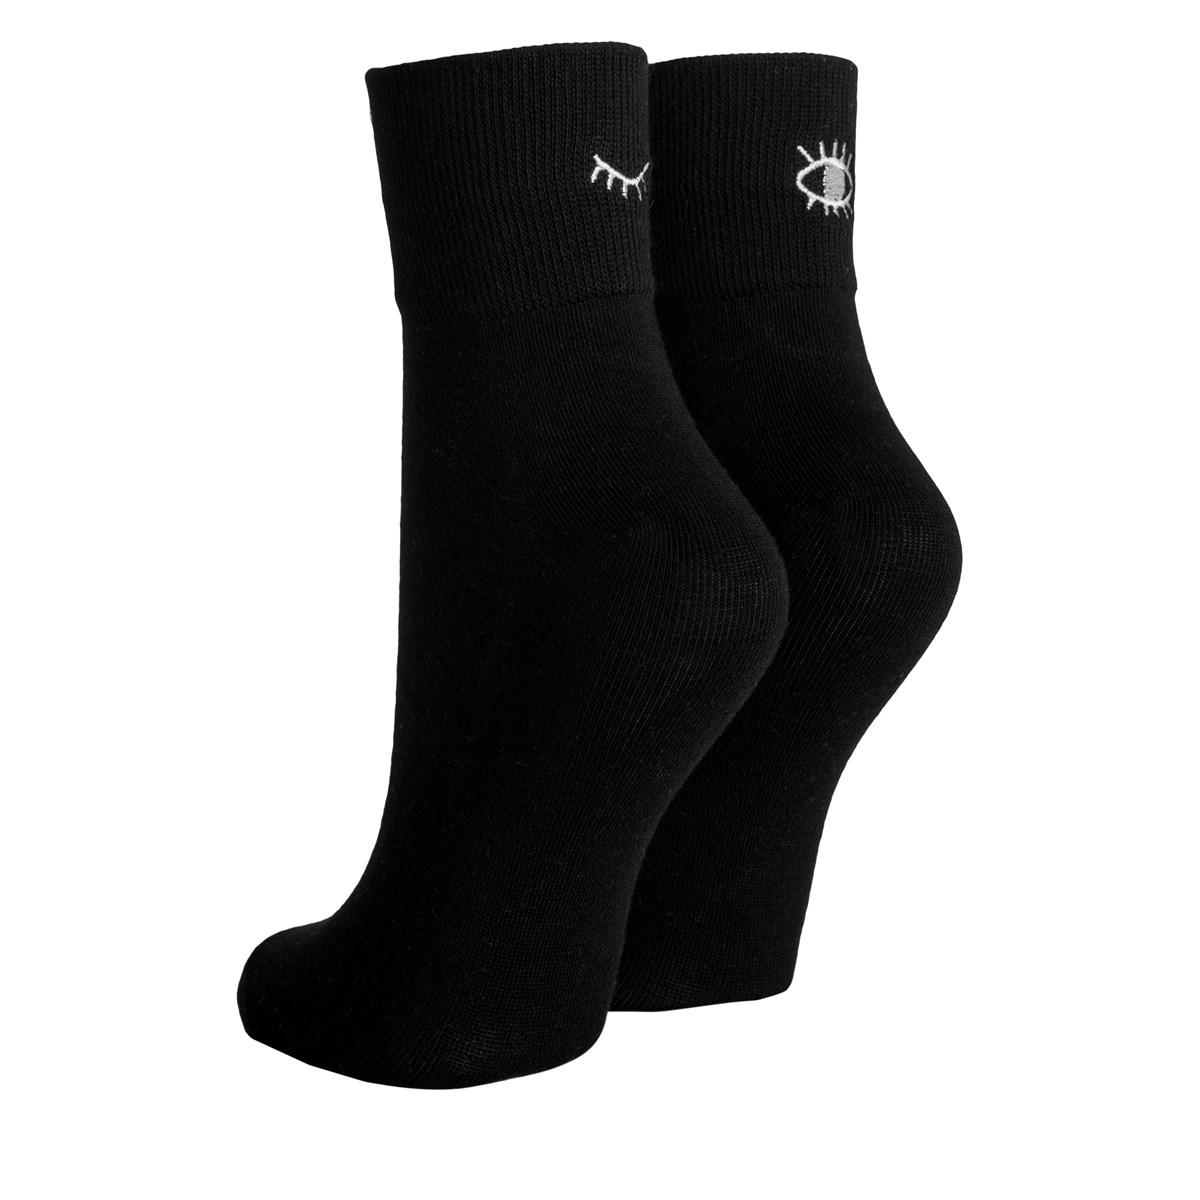 Women's Blink Socks in Black